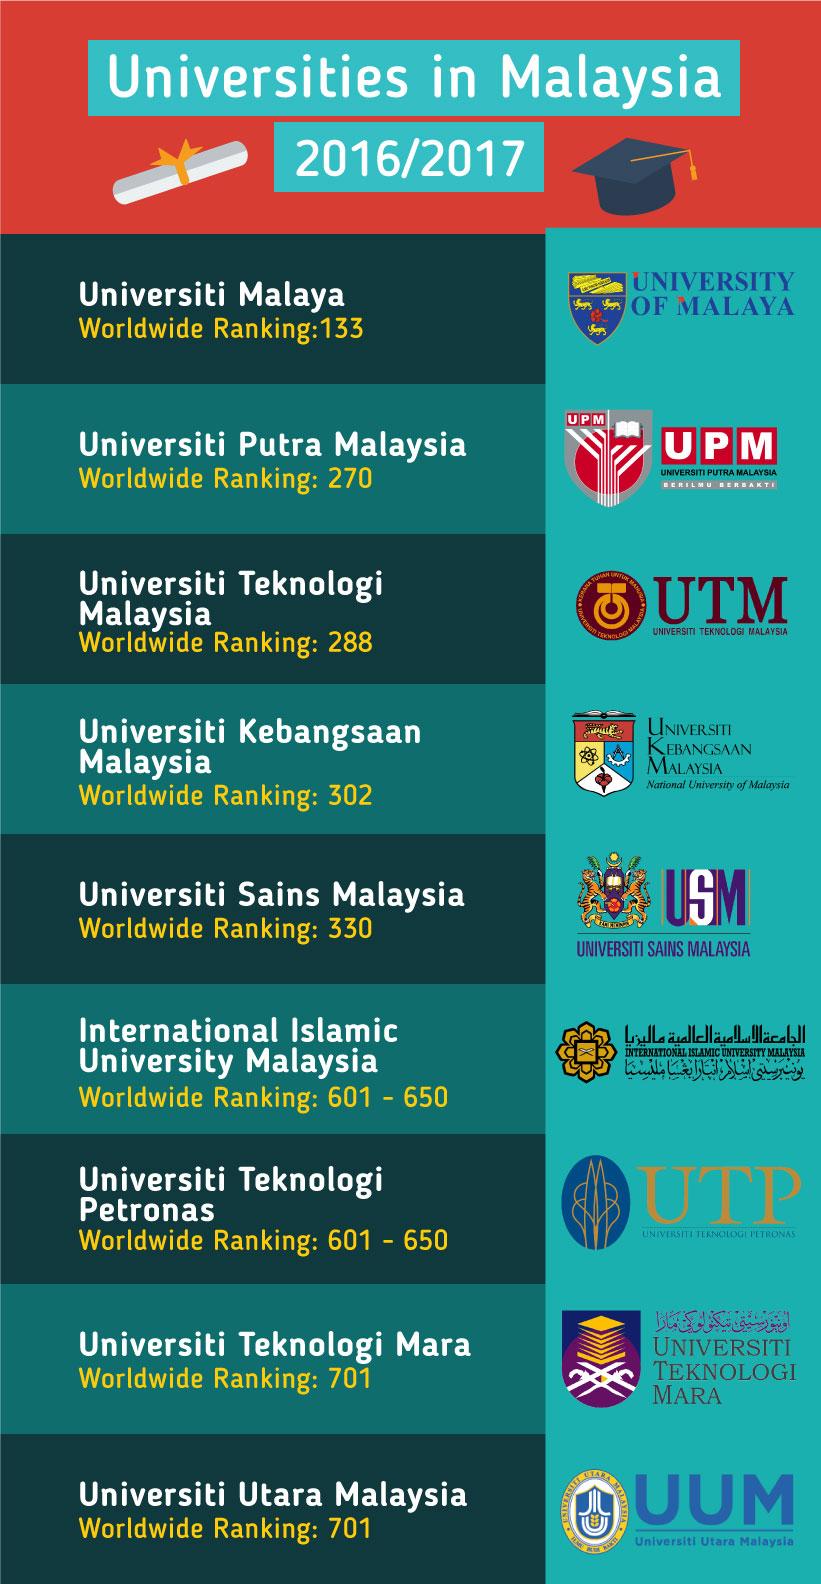 Top Universities in Malaysia 2016